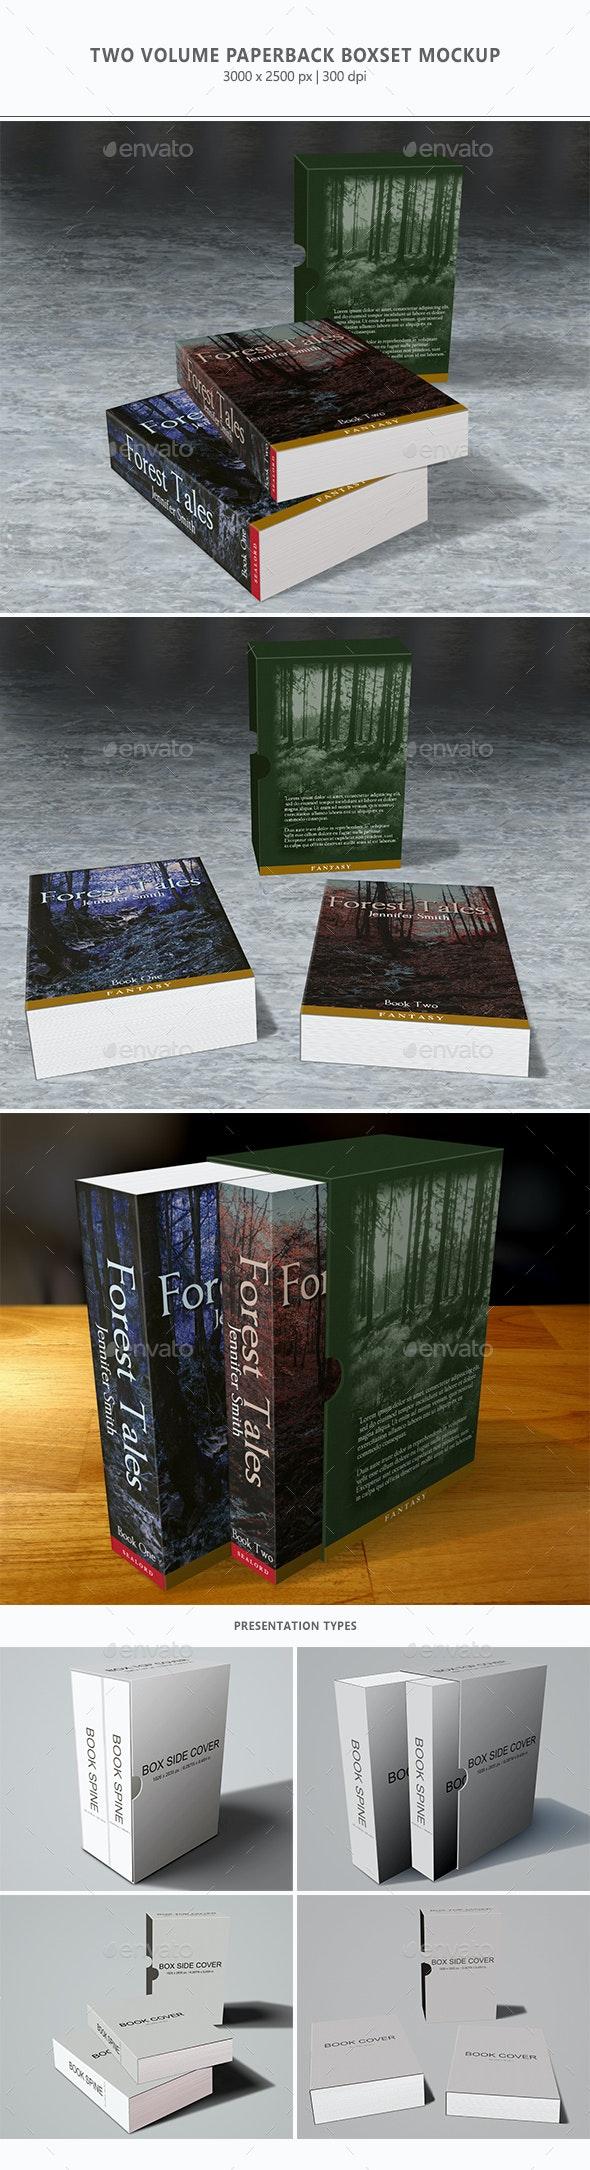 2 Volume Paperback Boxset Mock-up - Books Print